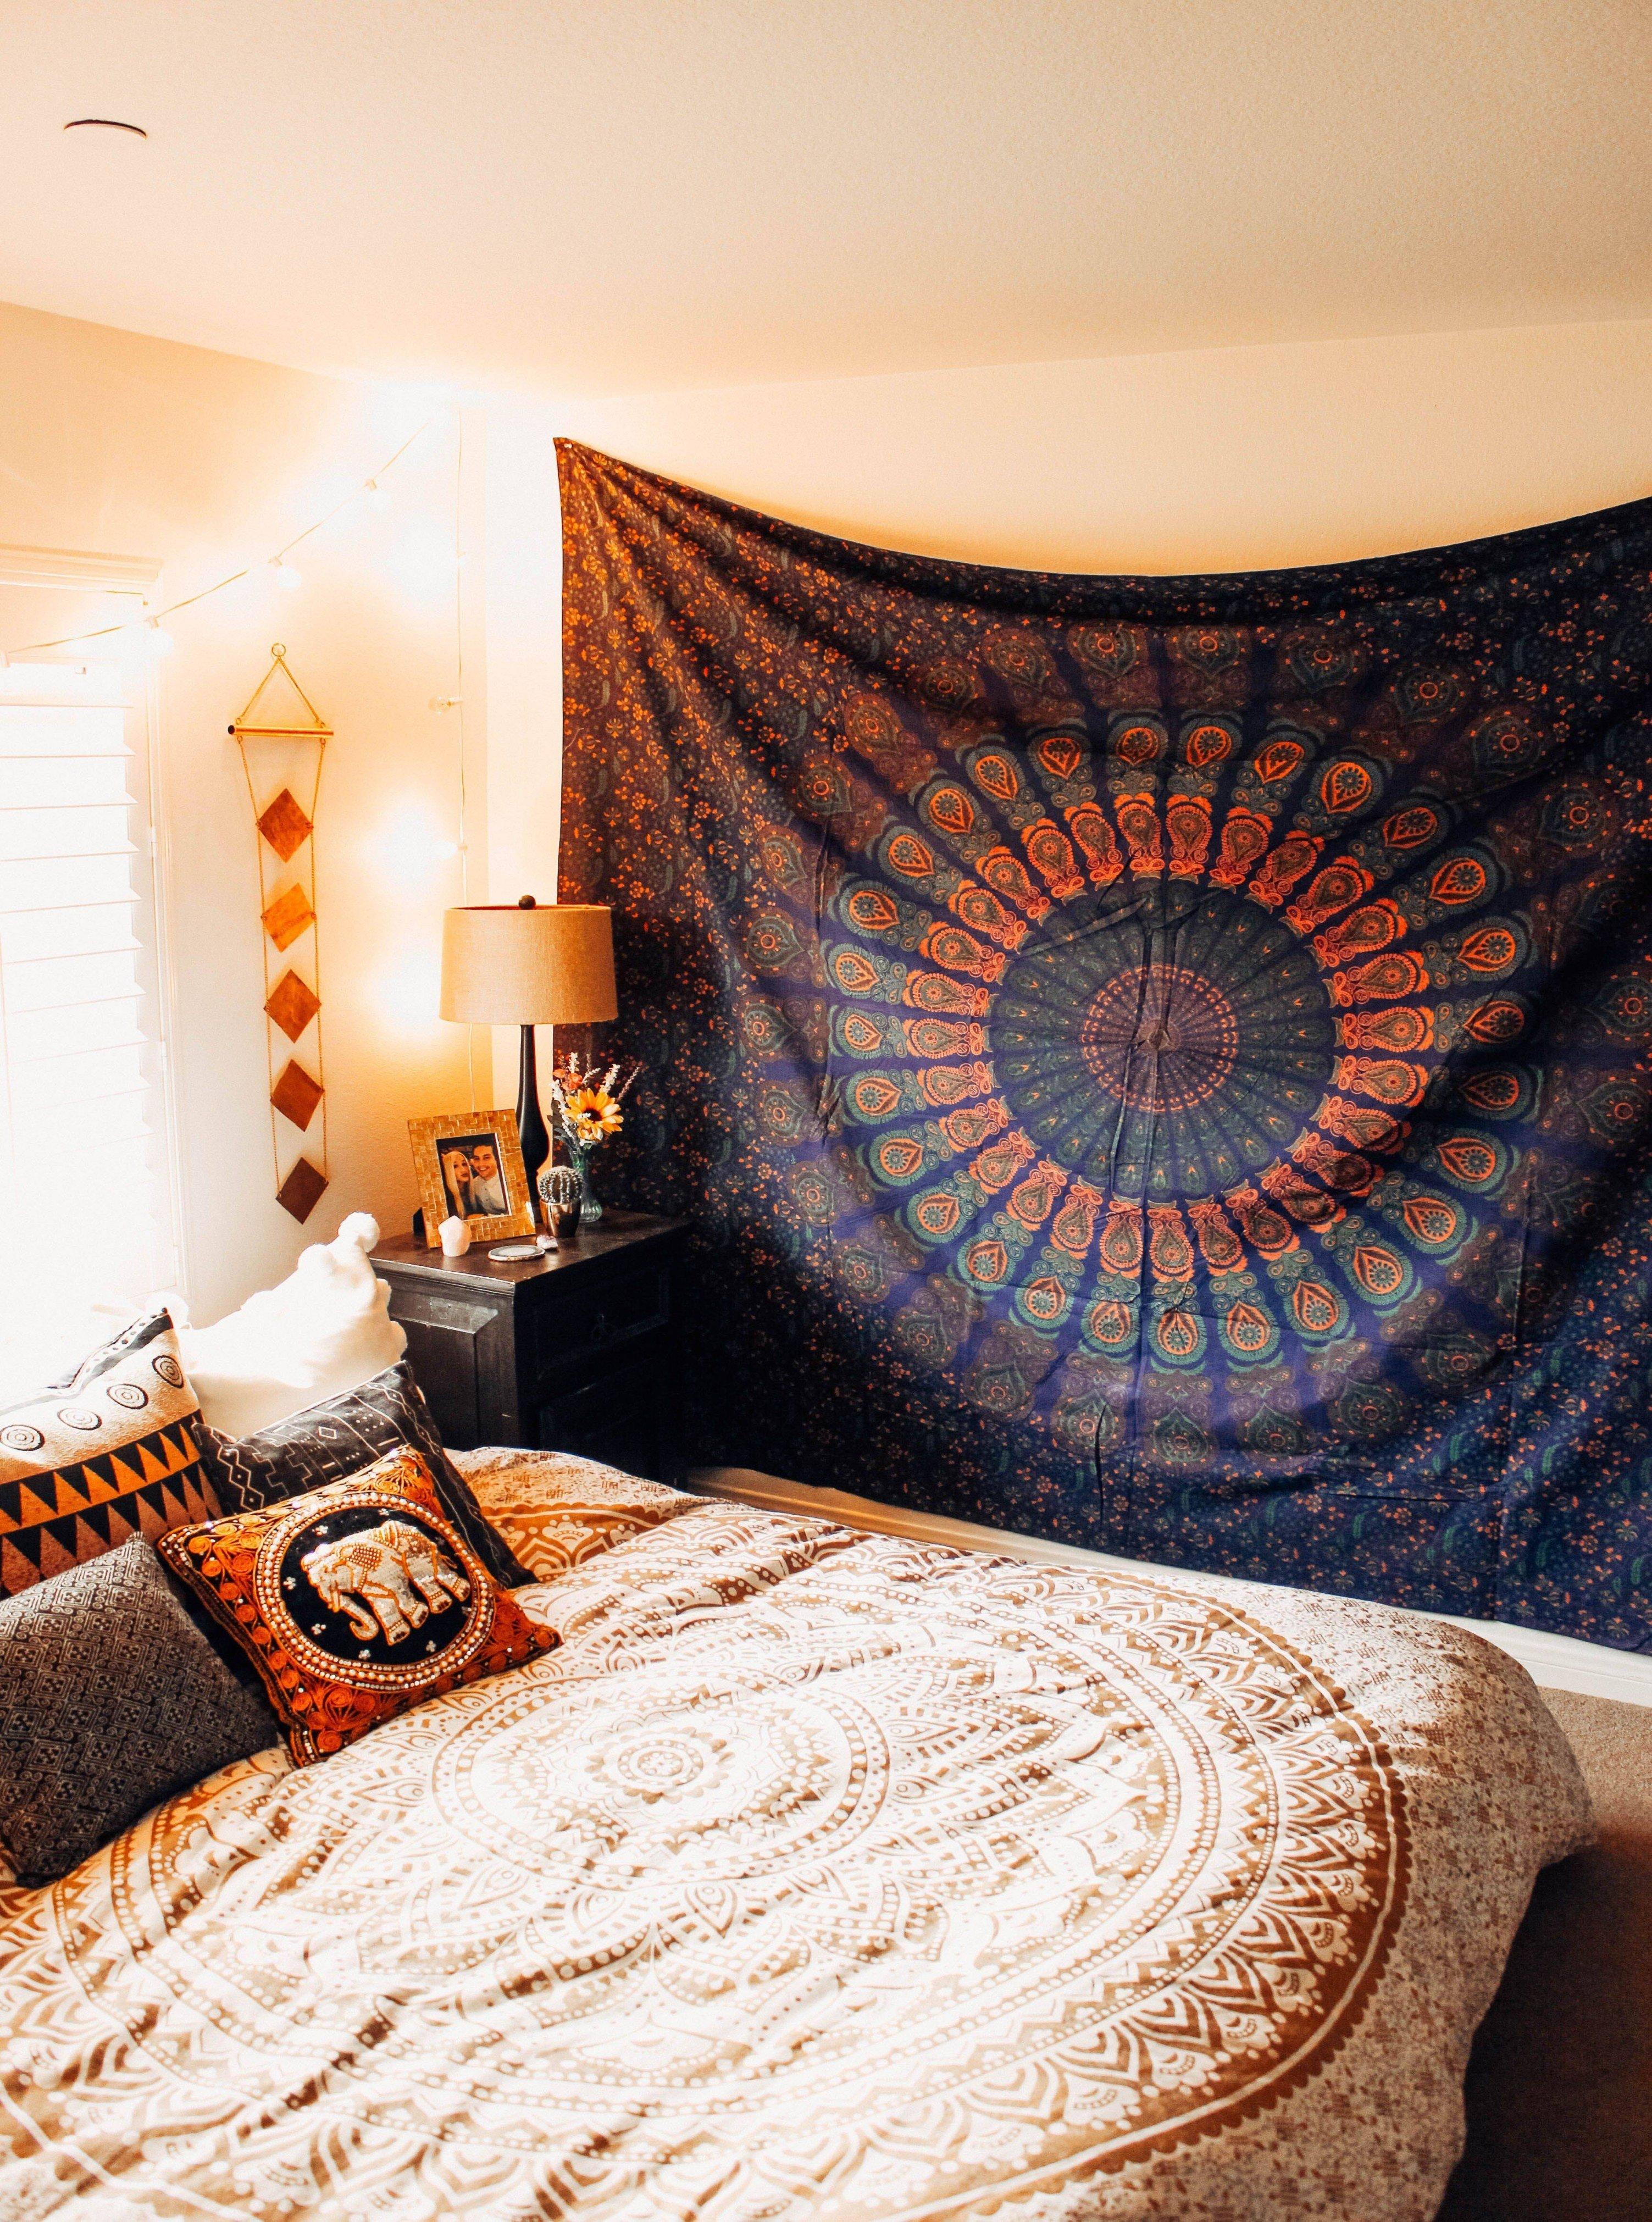 Mint Green Bedroom Decor Best Of Hippie Bedroom Decor Bedroom Ideas Mint Green Walls My Tech